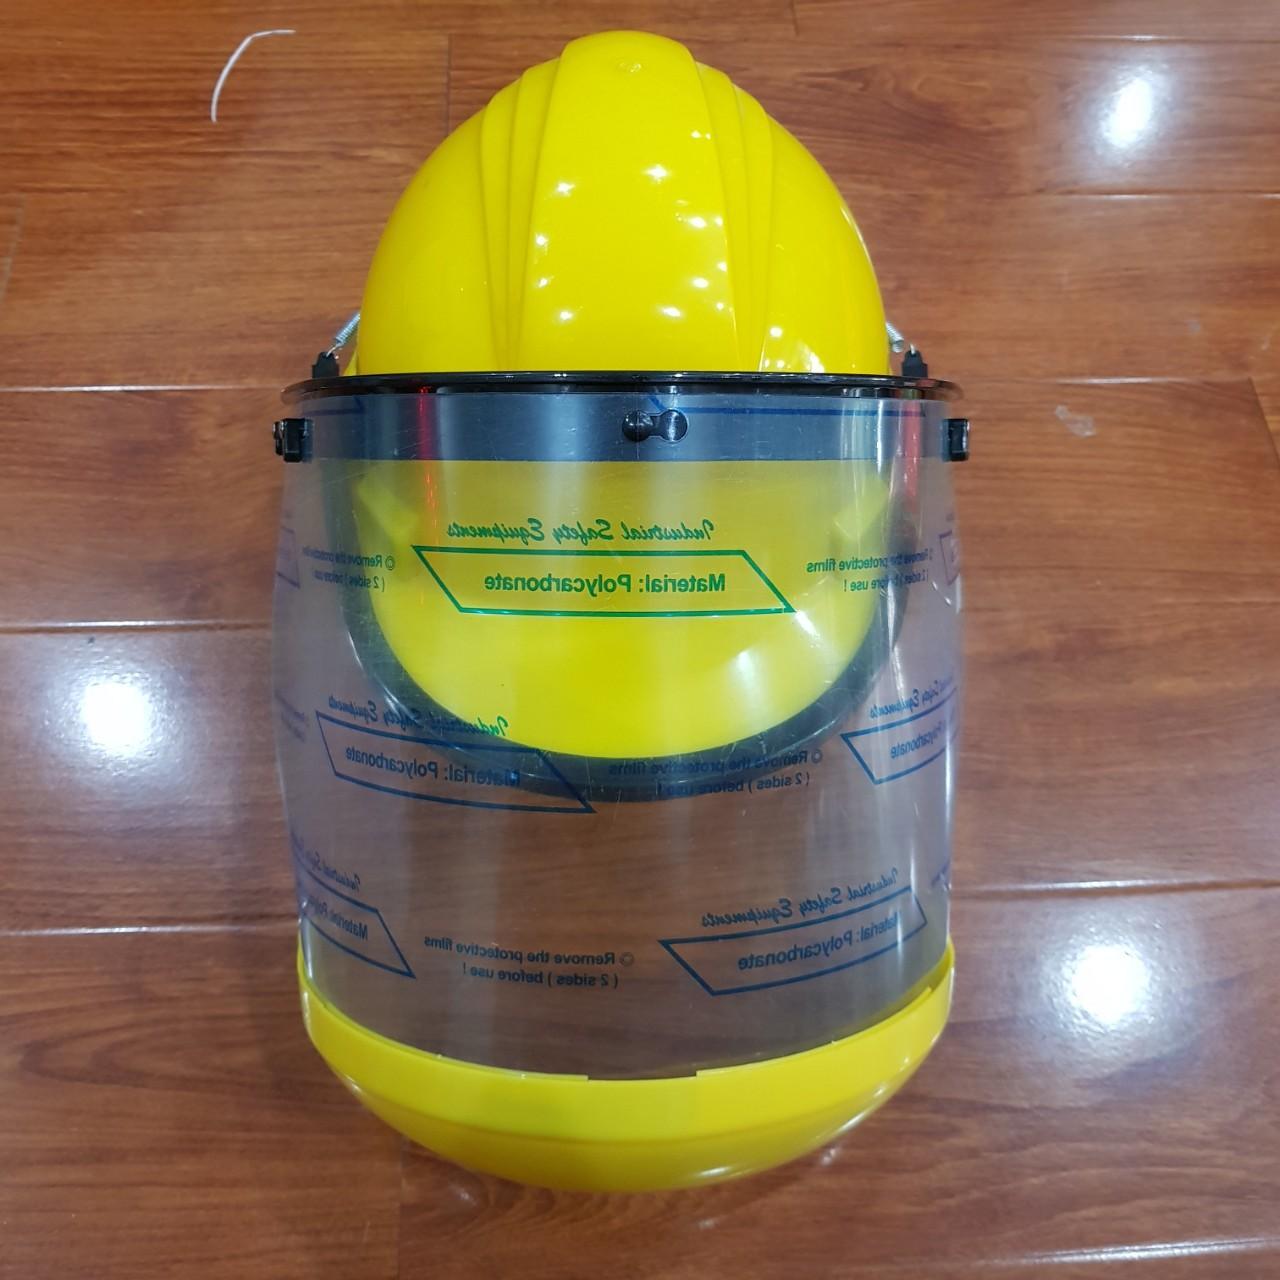 Nón kết hợp có kính  FC - bảo vệ đầu - chống bụi - ngăn tia cực tím - hình thật